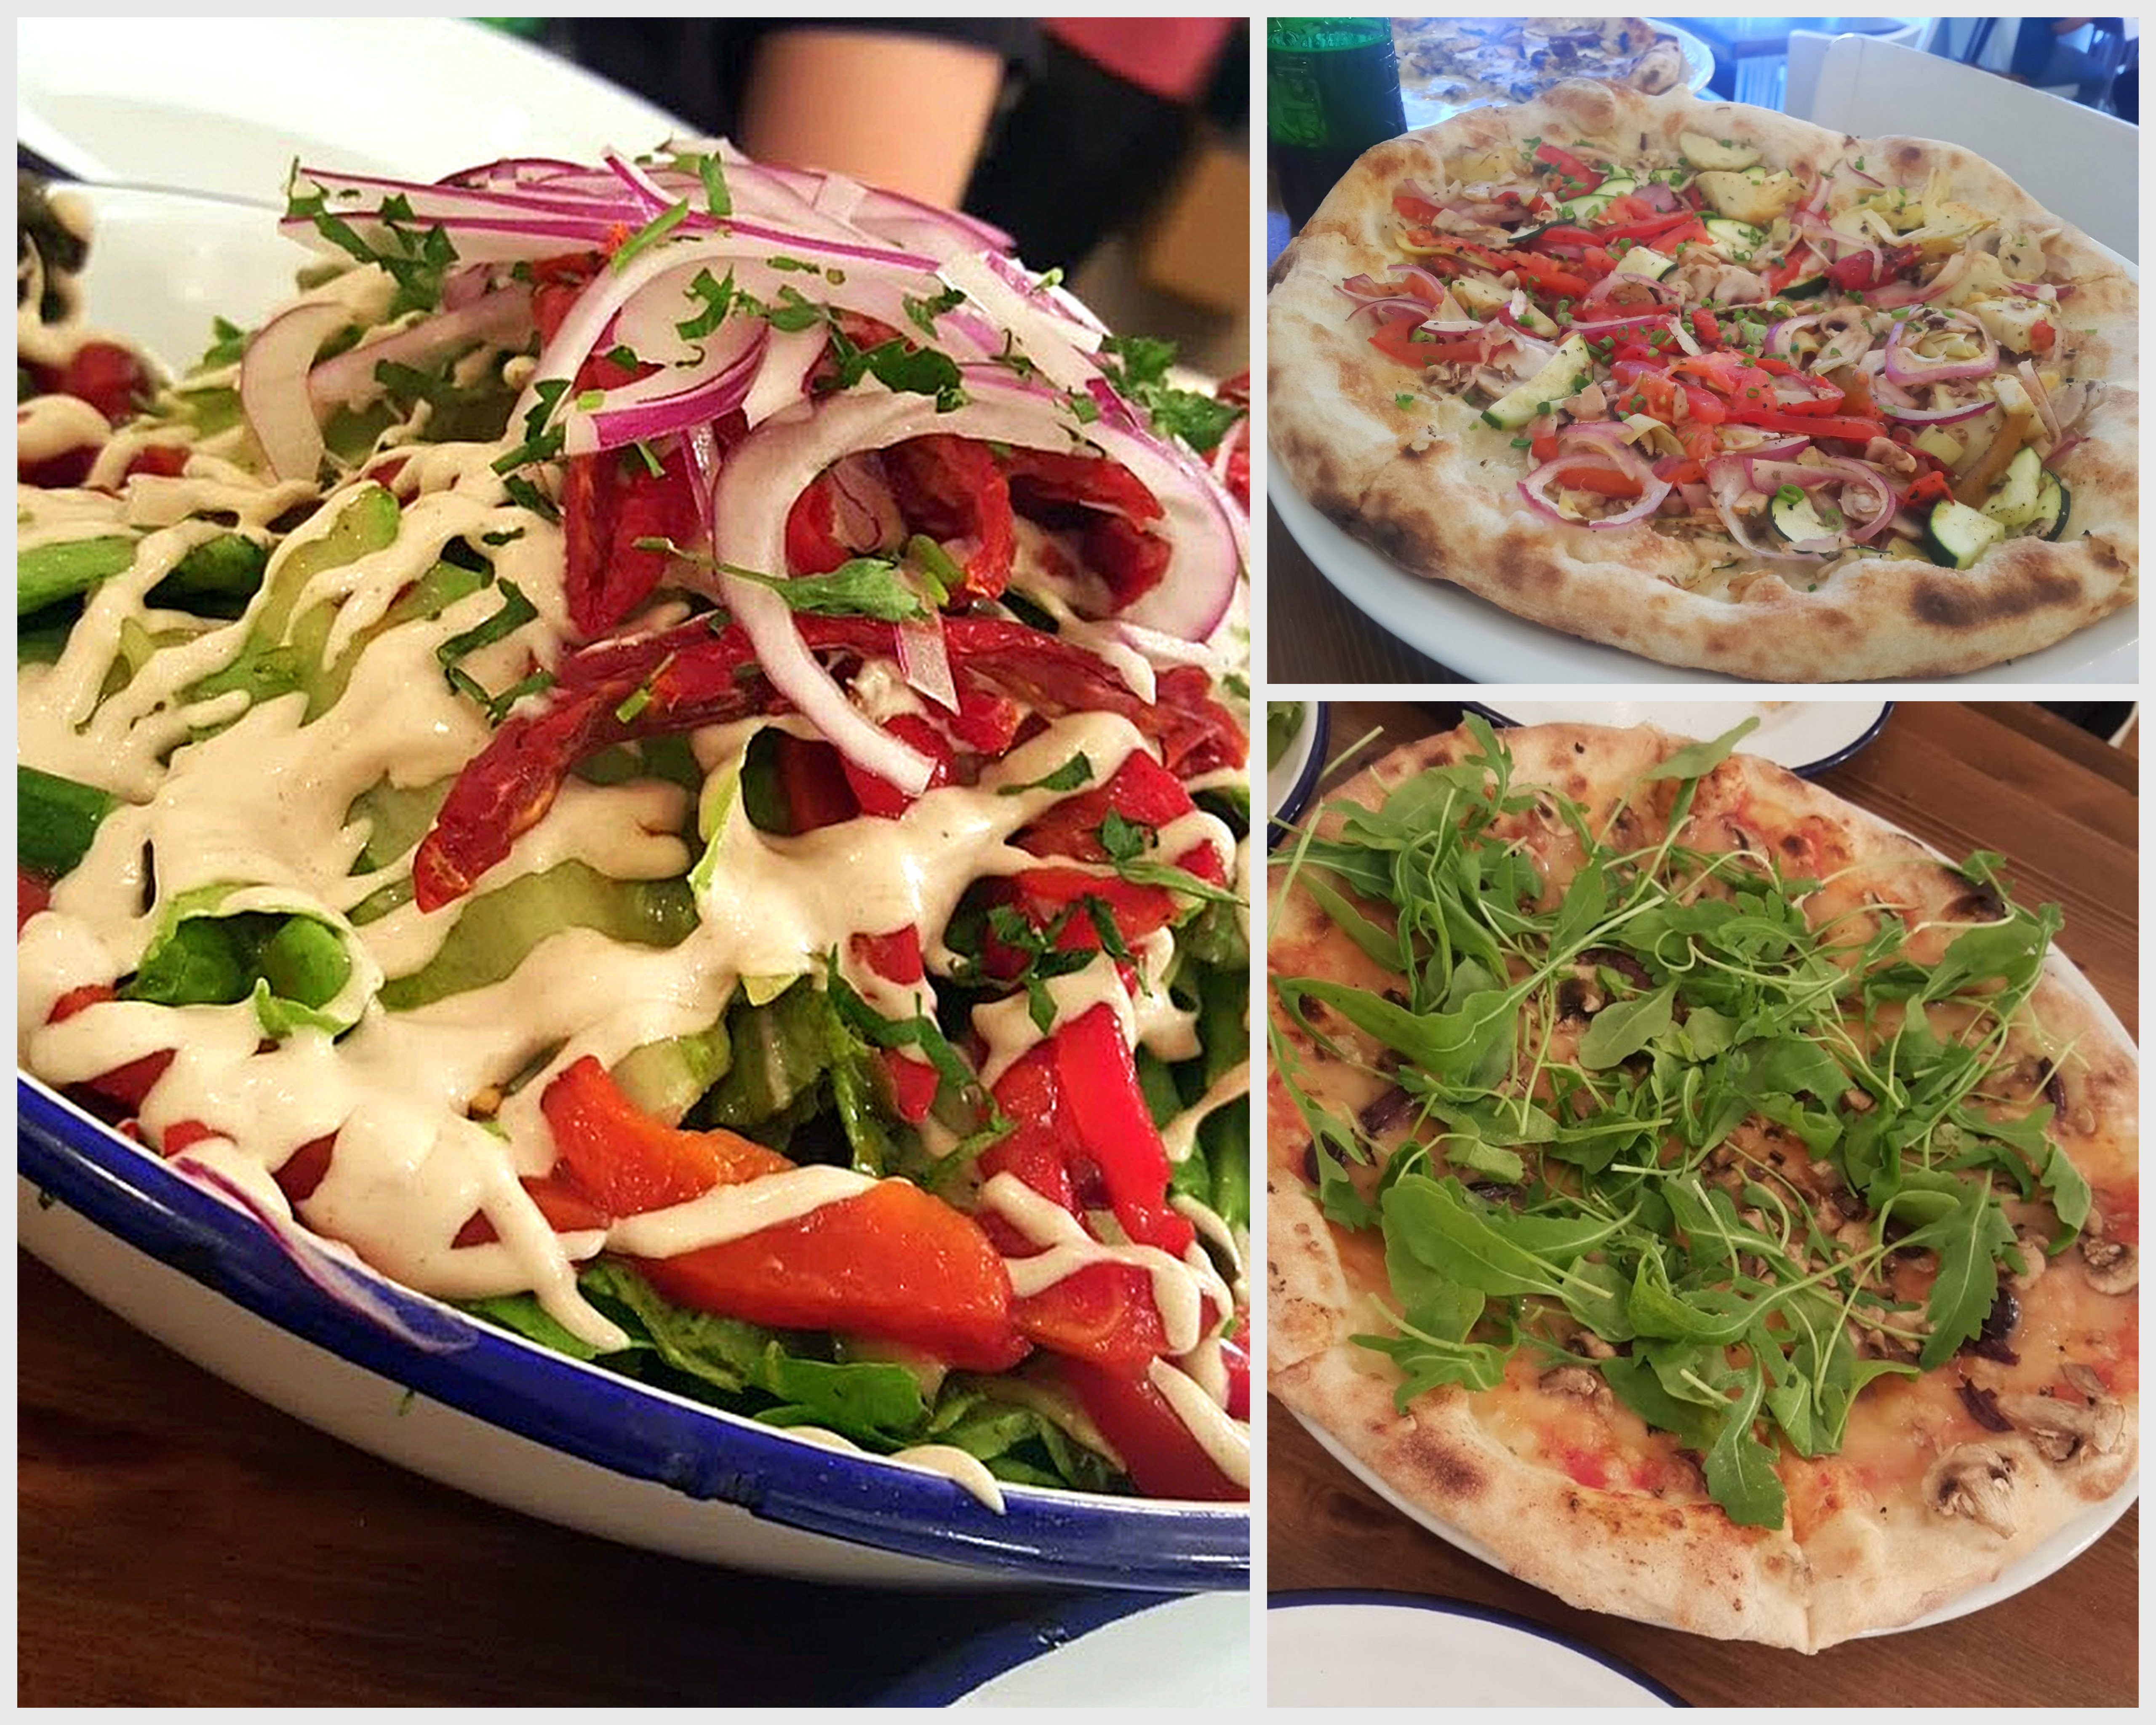 פיצריית הפיצה - יש סלטים שווים, הפיצה הטבעונית פחות טובה לדעתי.